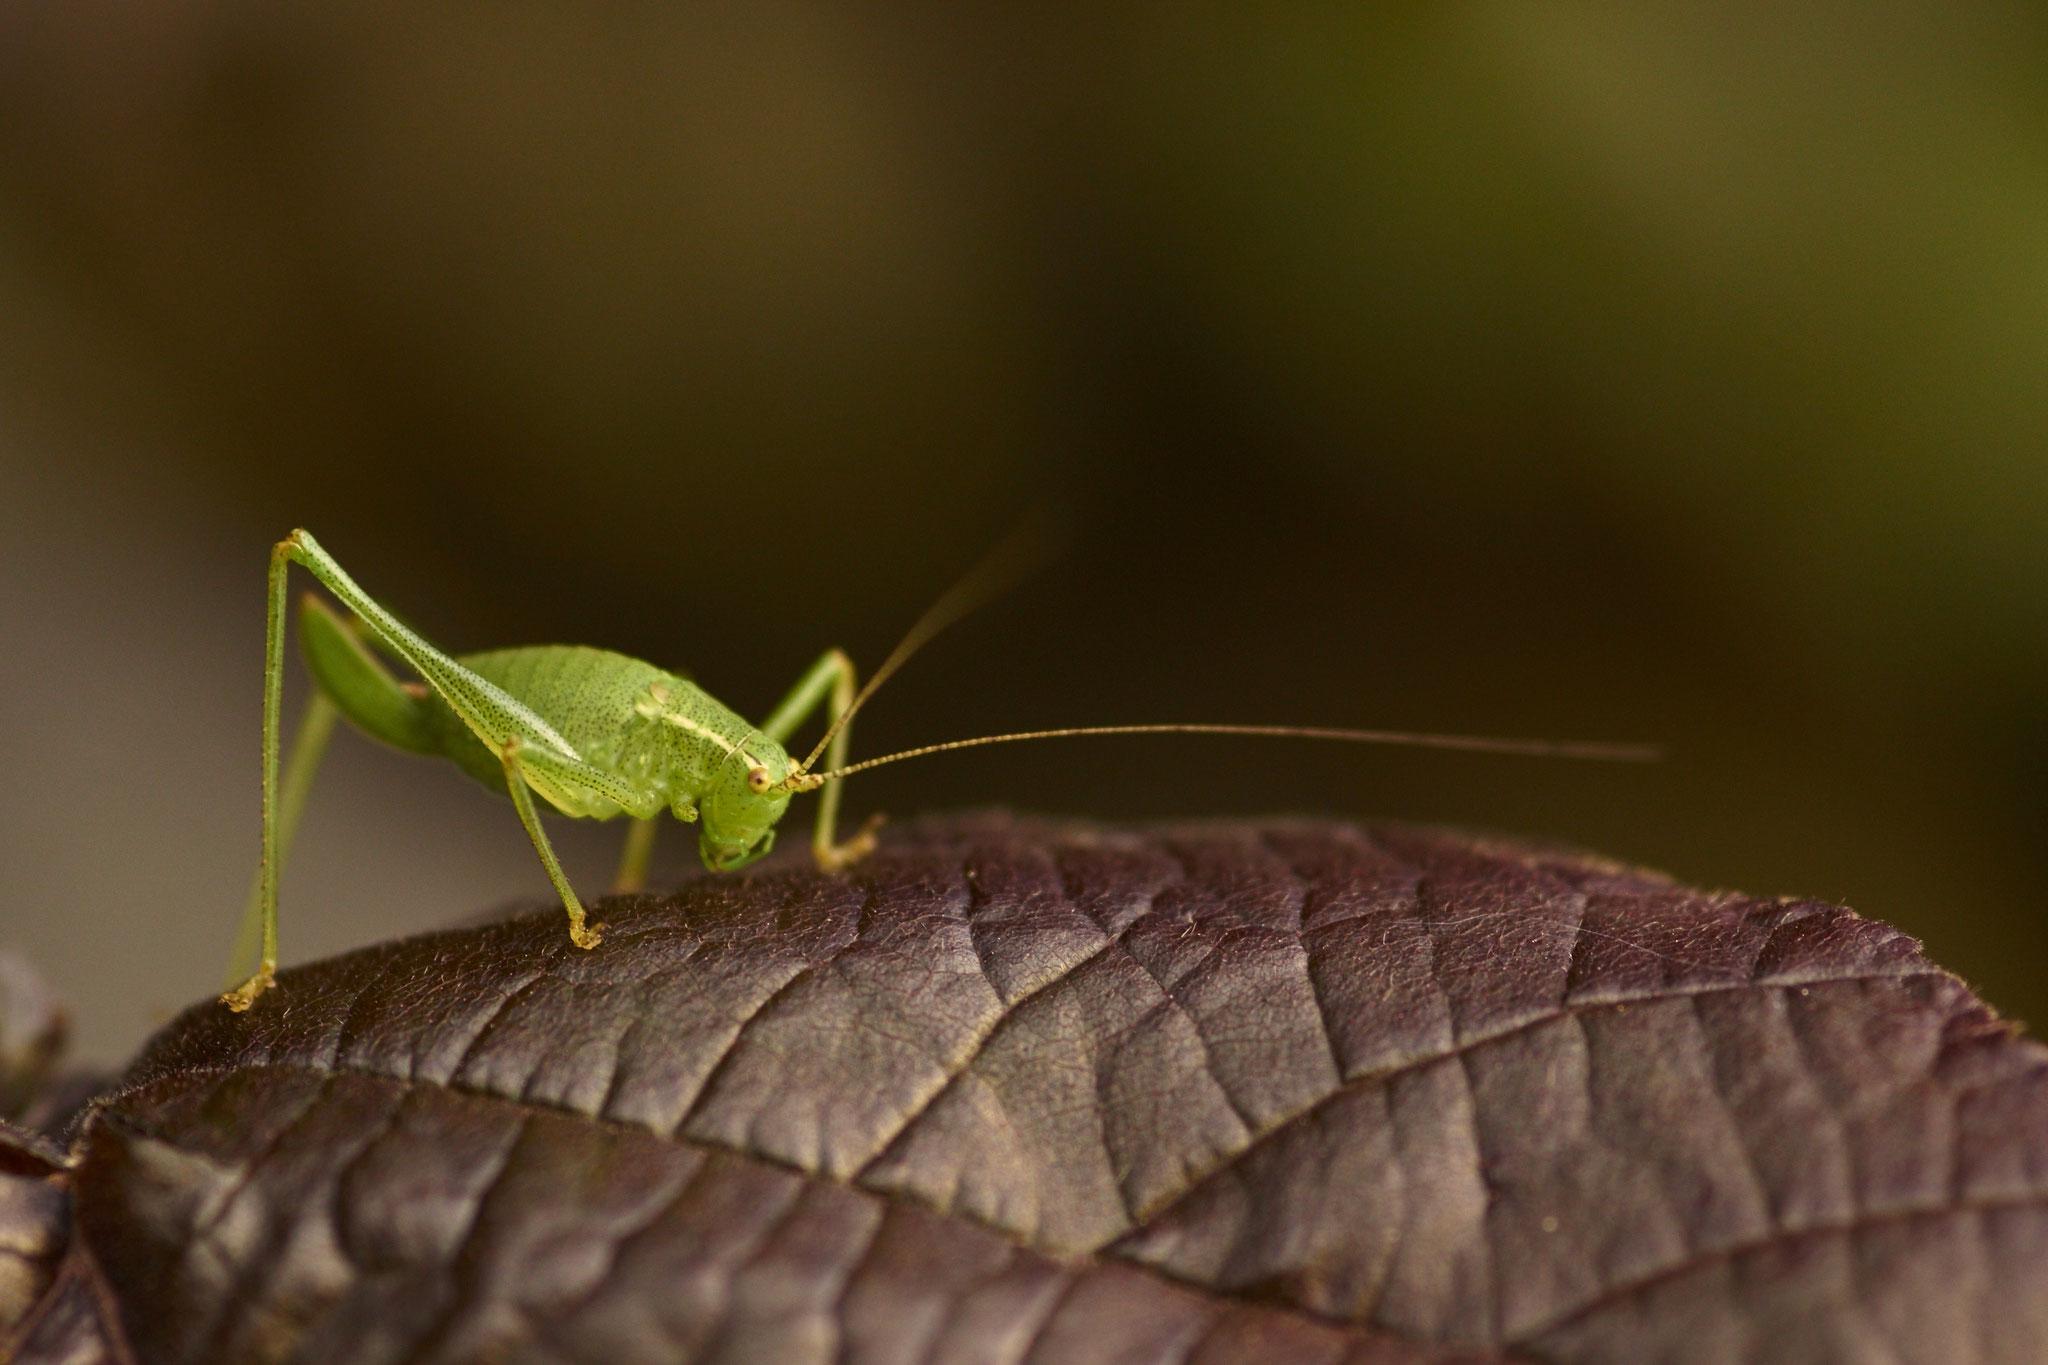 Leptophye ponctuée femelle reconnaissable avec son ovipositeur en forme de sabre